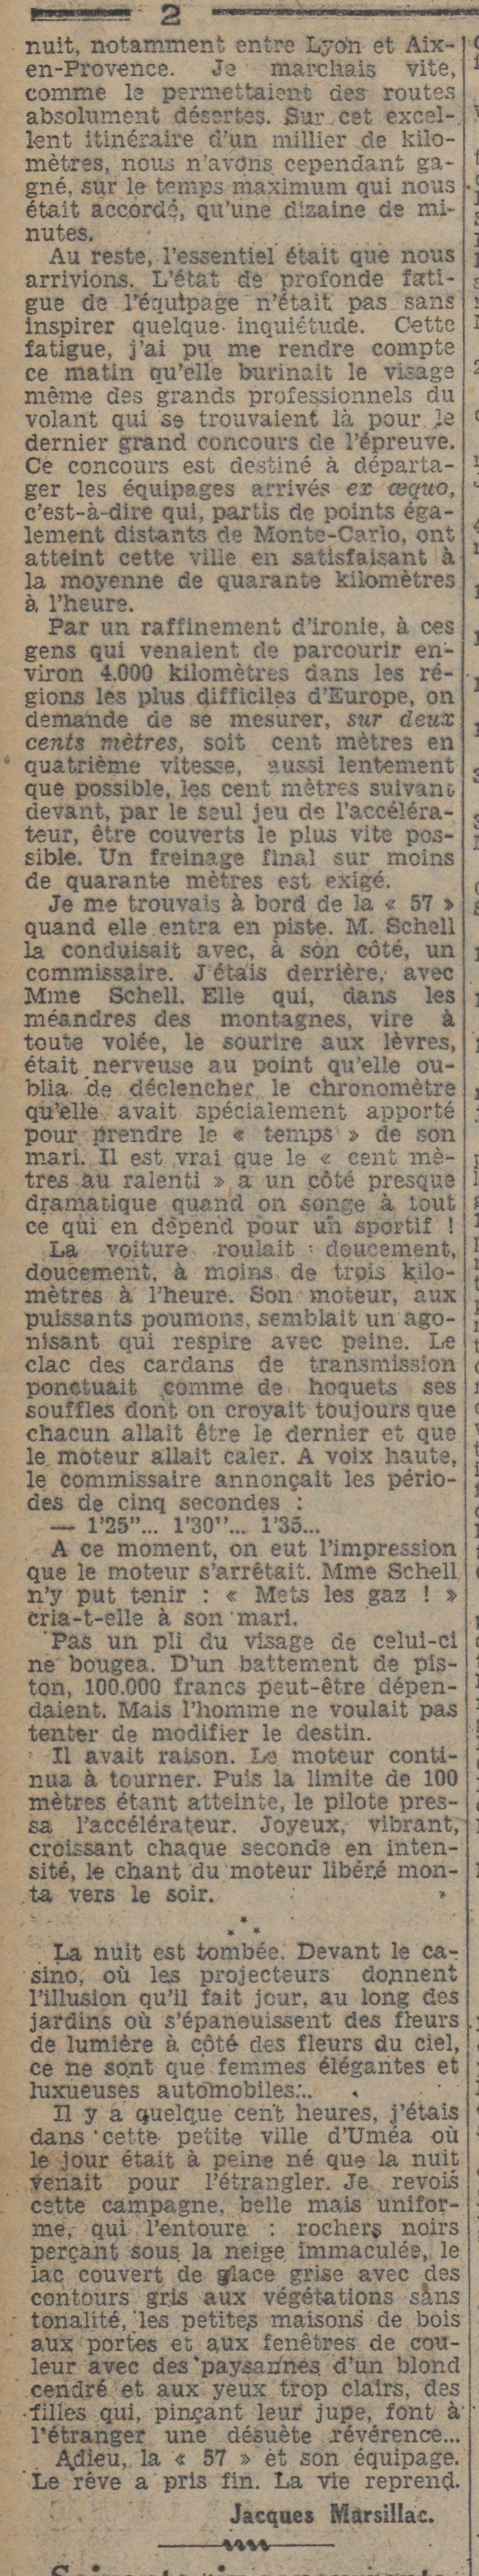 Un pilote Licorne : HECTOR PETIT - Page 2 Le_jou73